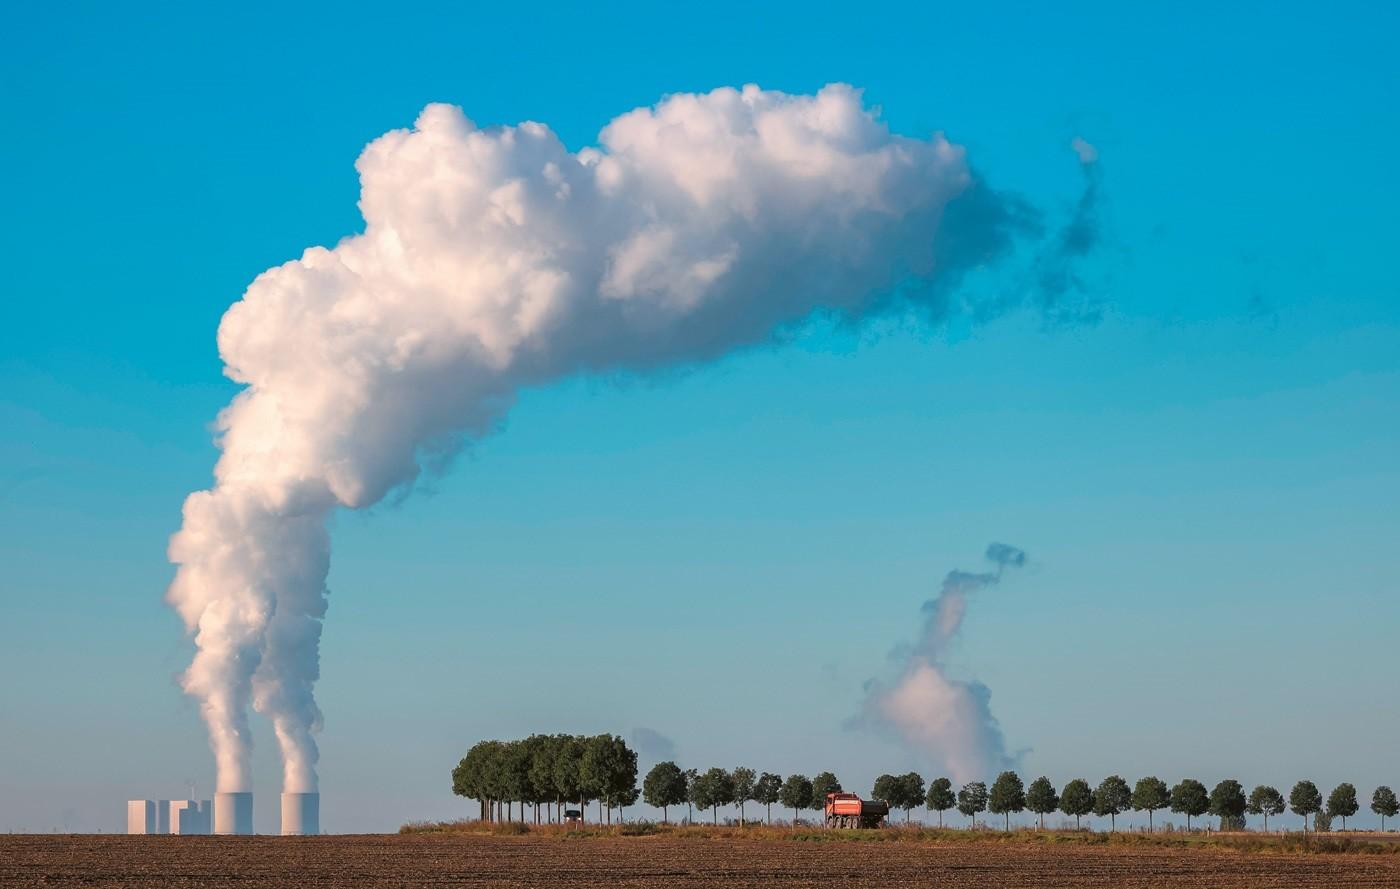 H ενεργειακή κρίση γεννά φόβους για αύξηση των επιτοκίων